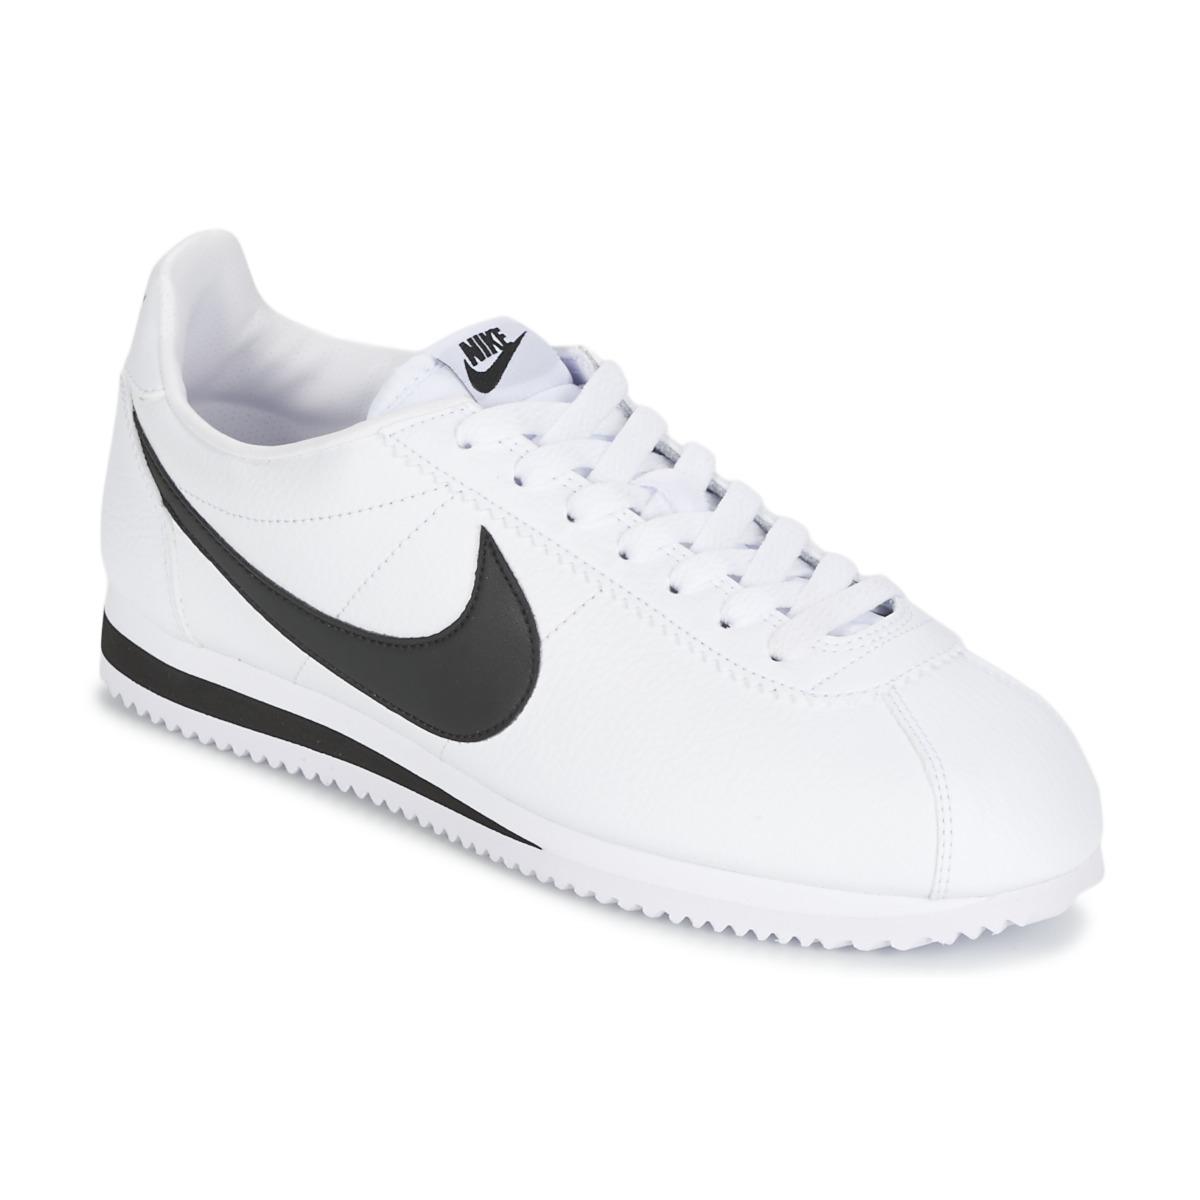 sale retailer 9aef5 dc0d4 Nike CLASSIC CORTEZ LEATHER Branco   Preto - Entrega gratuita   Spartoo.pt  ! - Sapatos Sapatilhas Homem 87,00 €